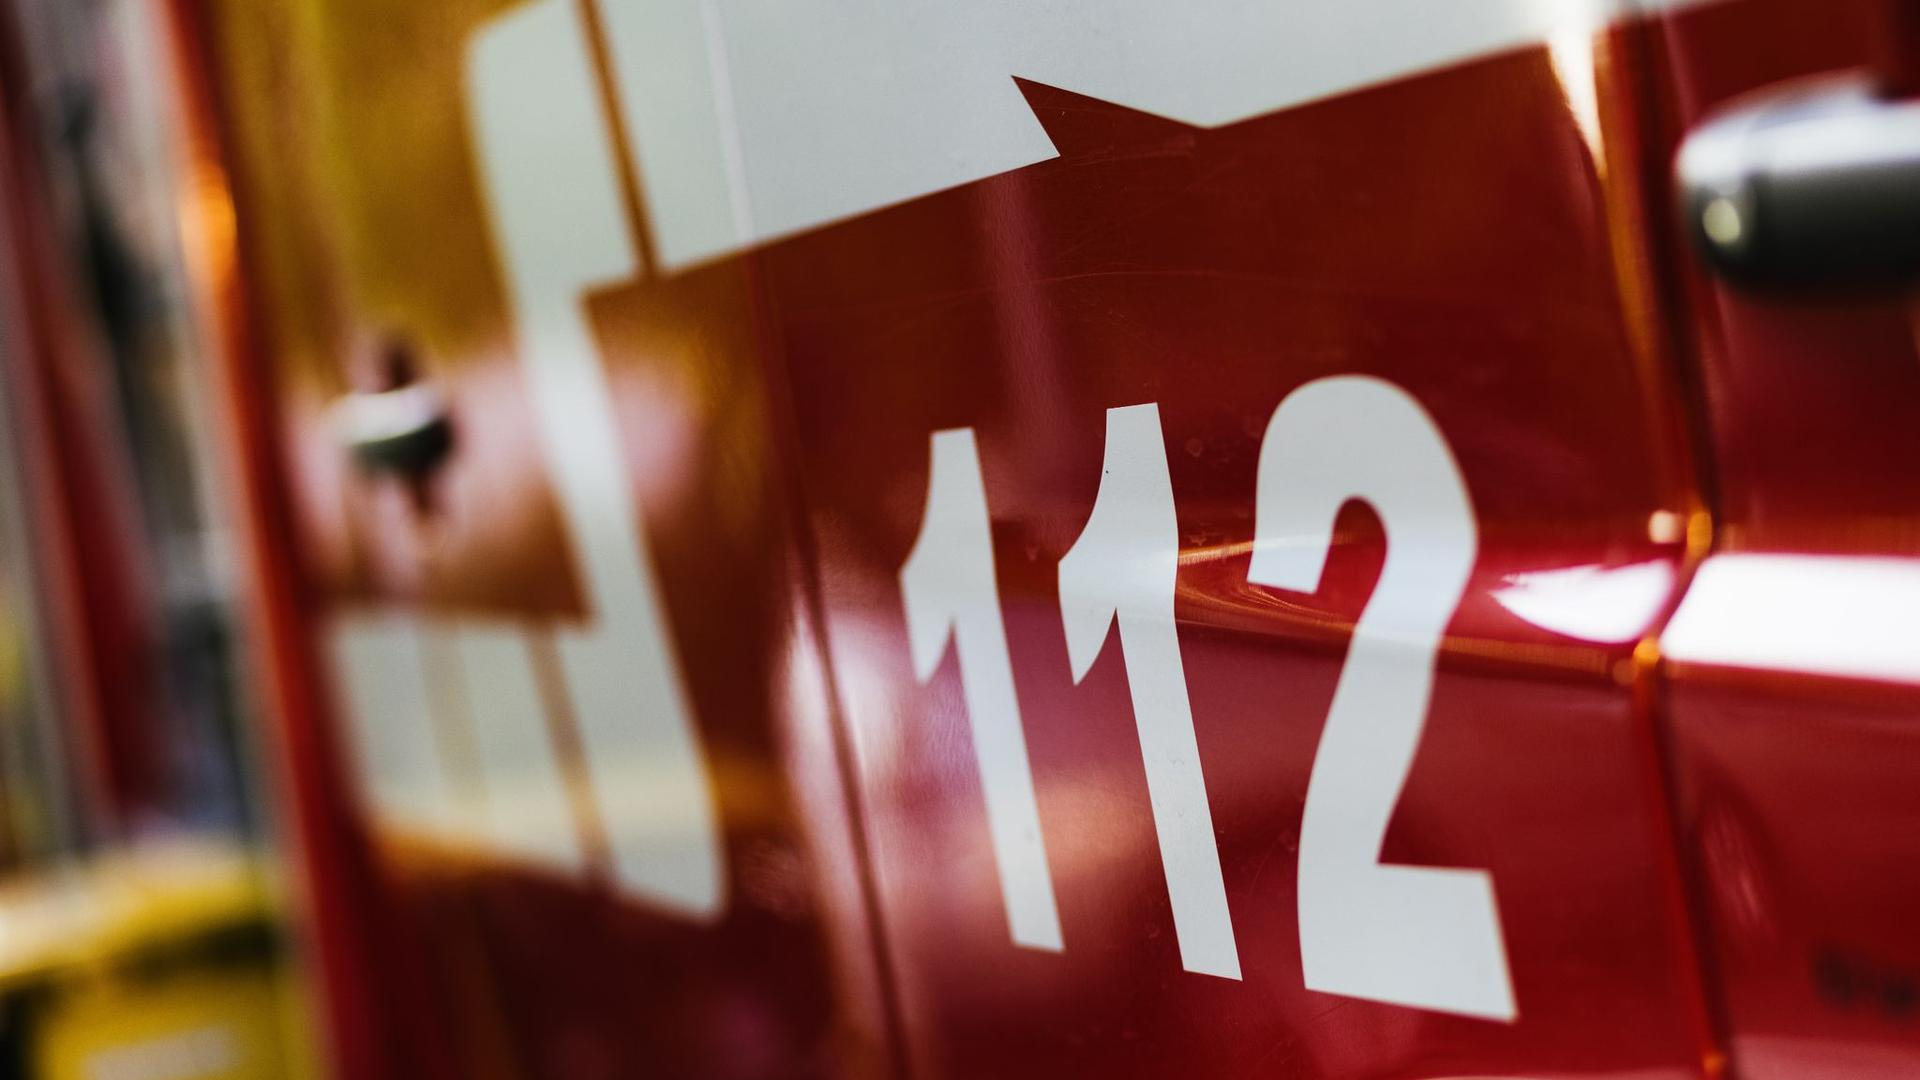 Ein Feuerwehrfahrzeug steht auf dem Hof eines Feuerwehrgerätehauses.